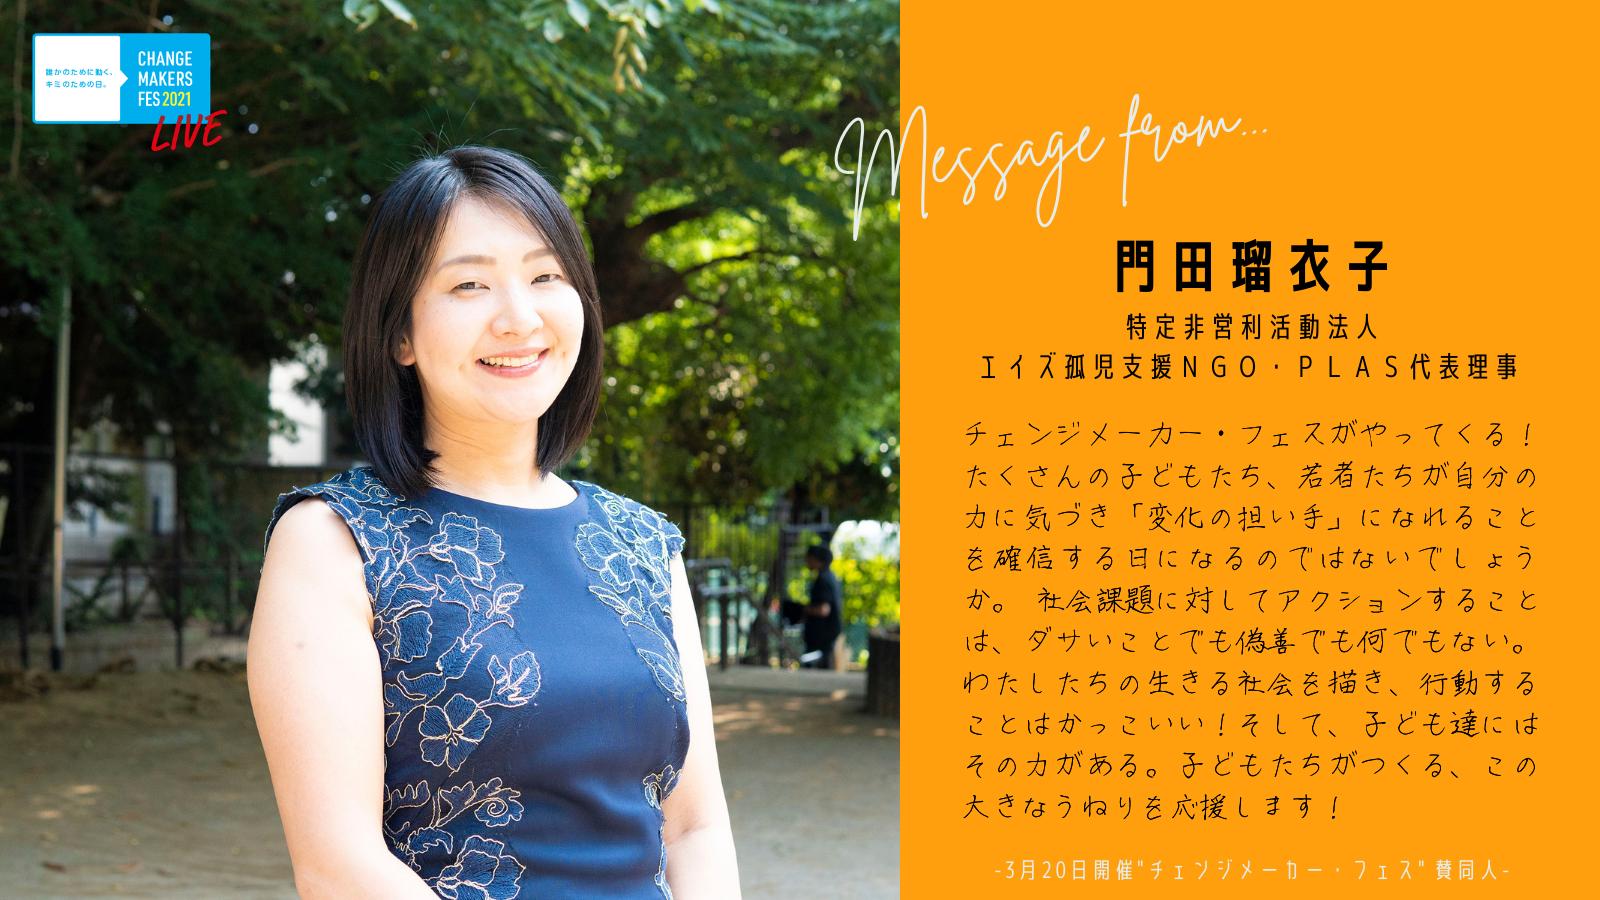 門田瑠衣子(特定非営利活動法人エイズ孤児支援NGO・PLAS代表理事)